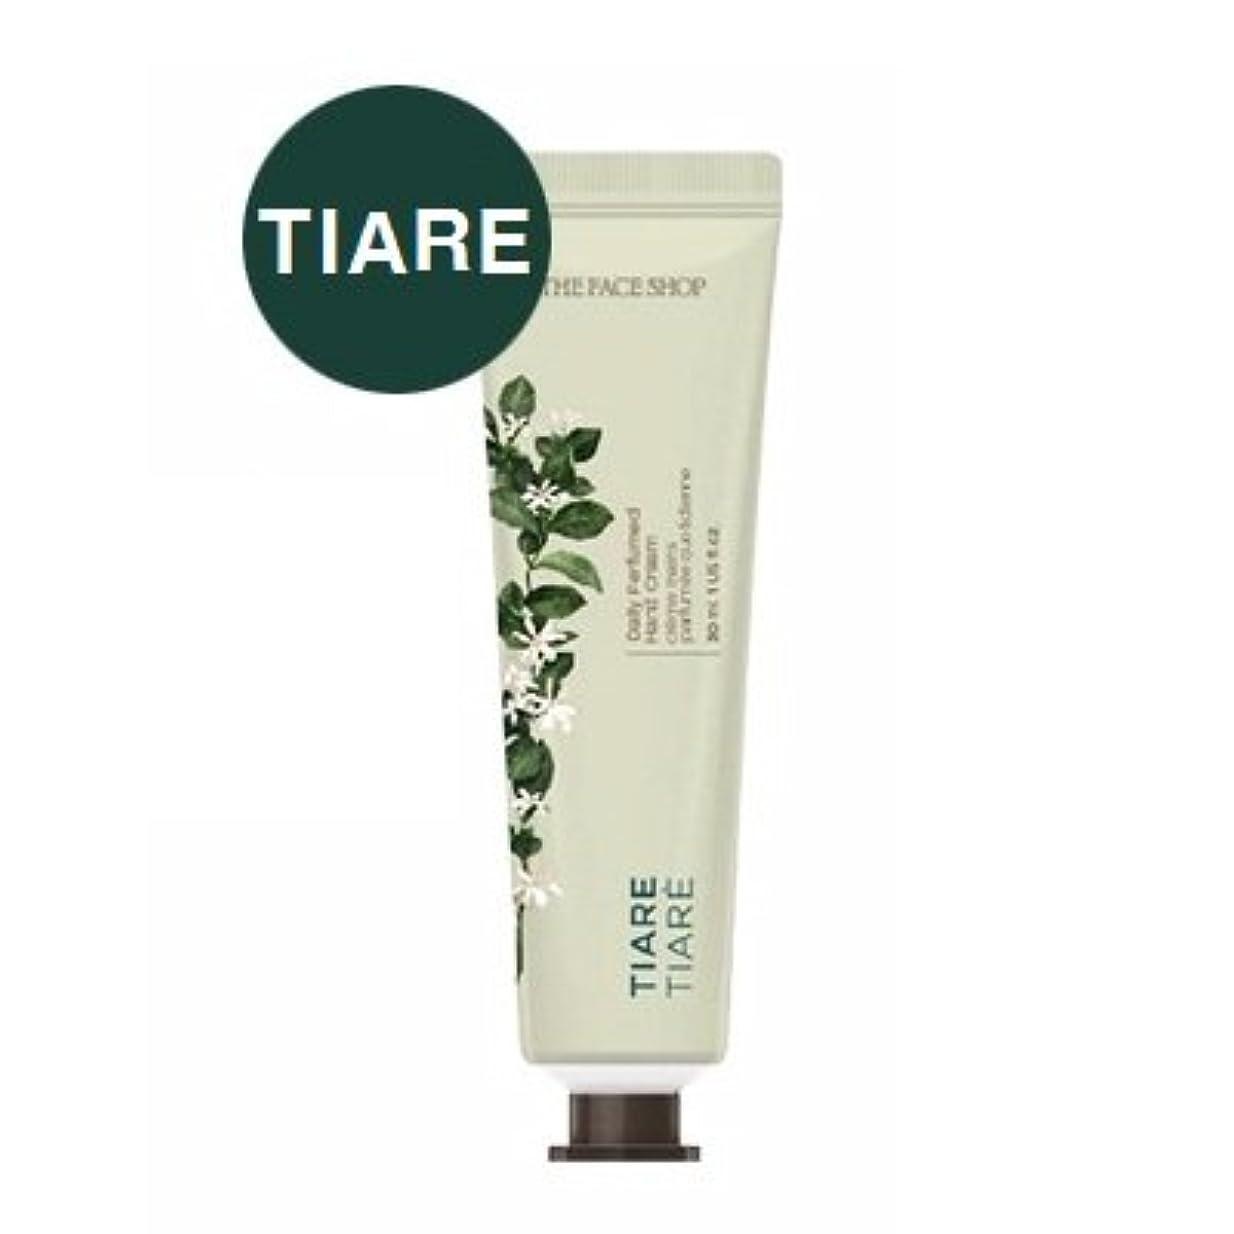 フローティング韓国語開拓者THE FACE SHOP Daily Perfume Hand Cream [02. Tiare] ザフェイスショップ デイリーパフュームハンドクリーム [02. ティアレ] [new] [並行輸入品]